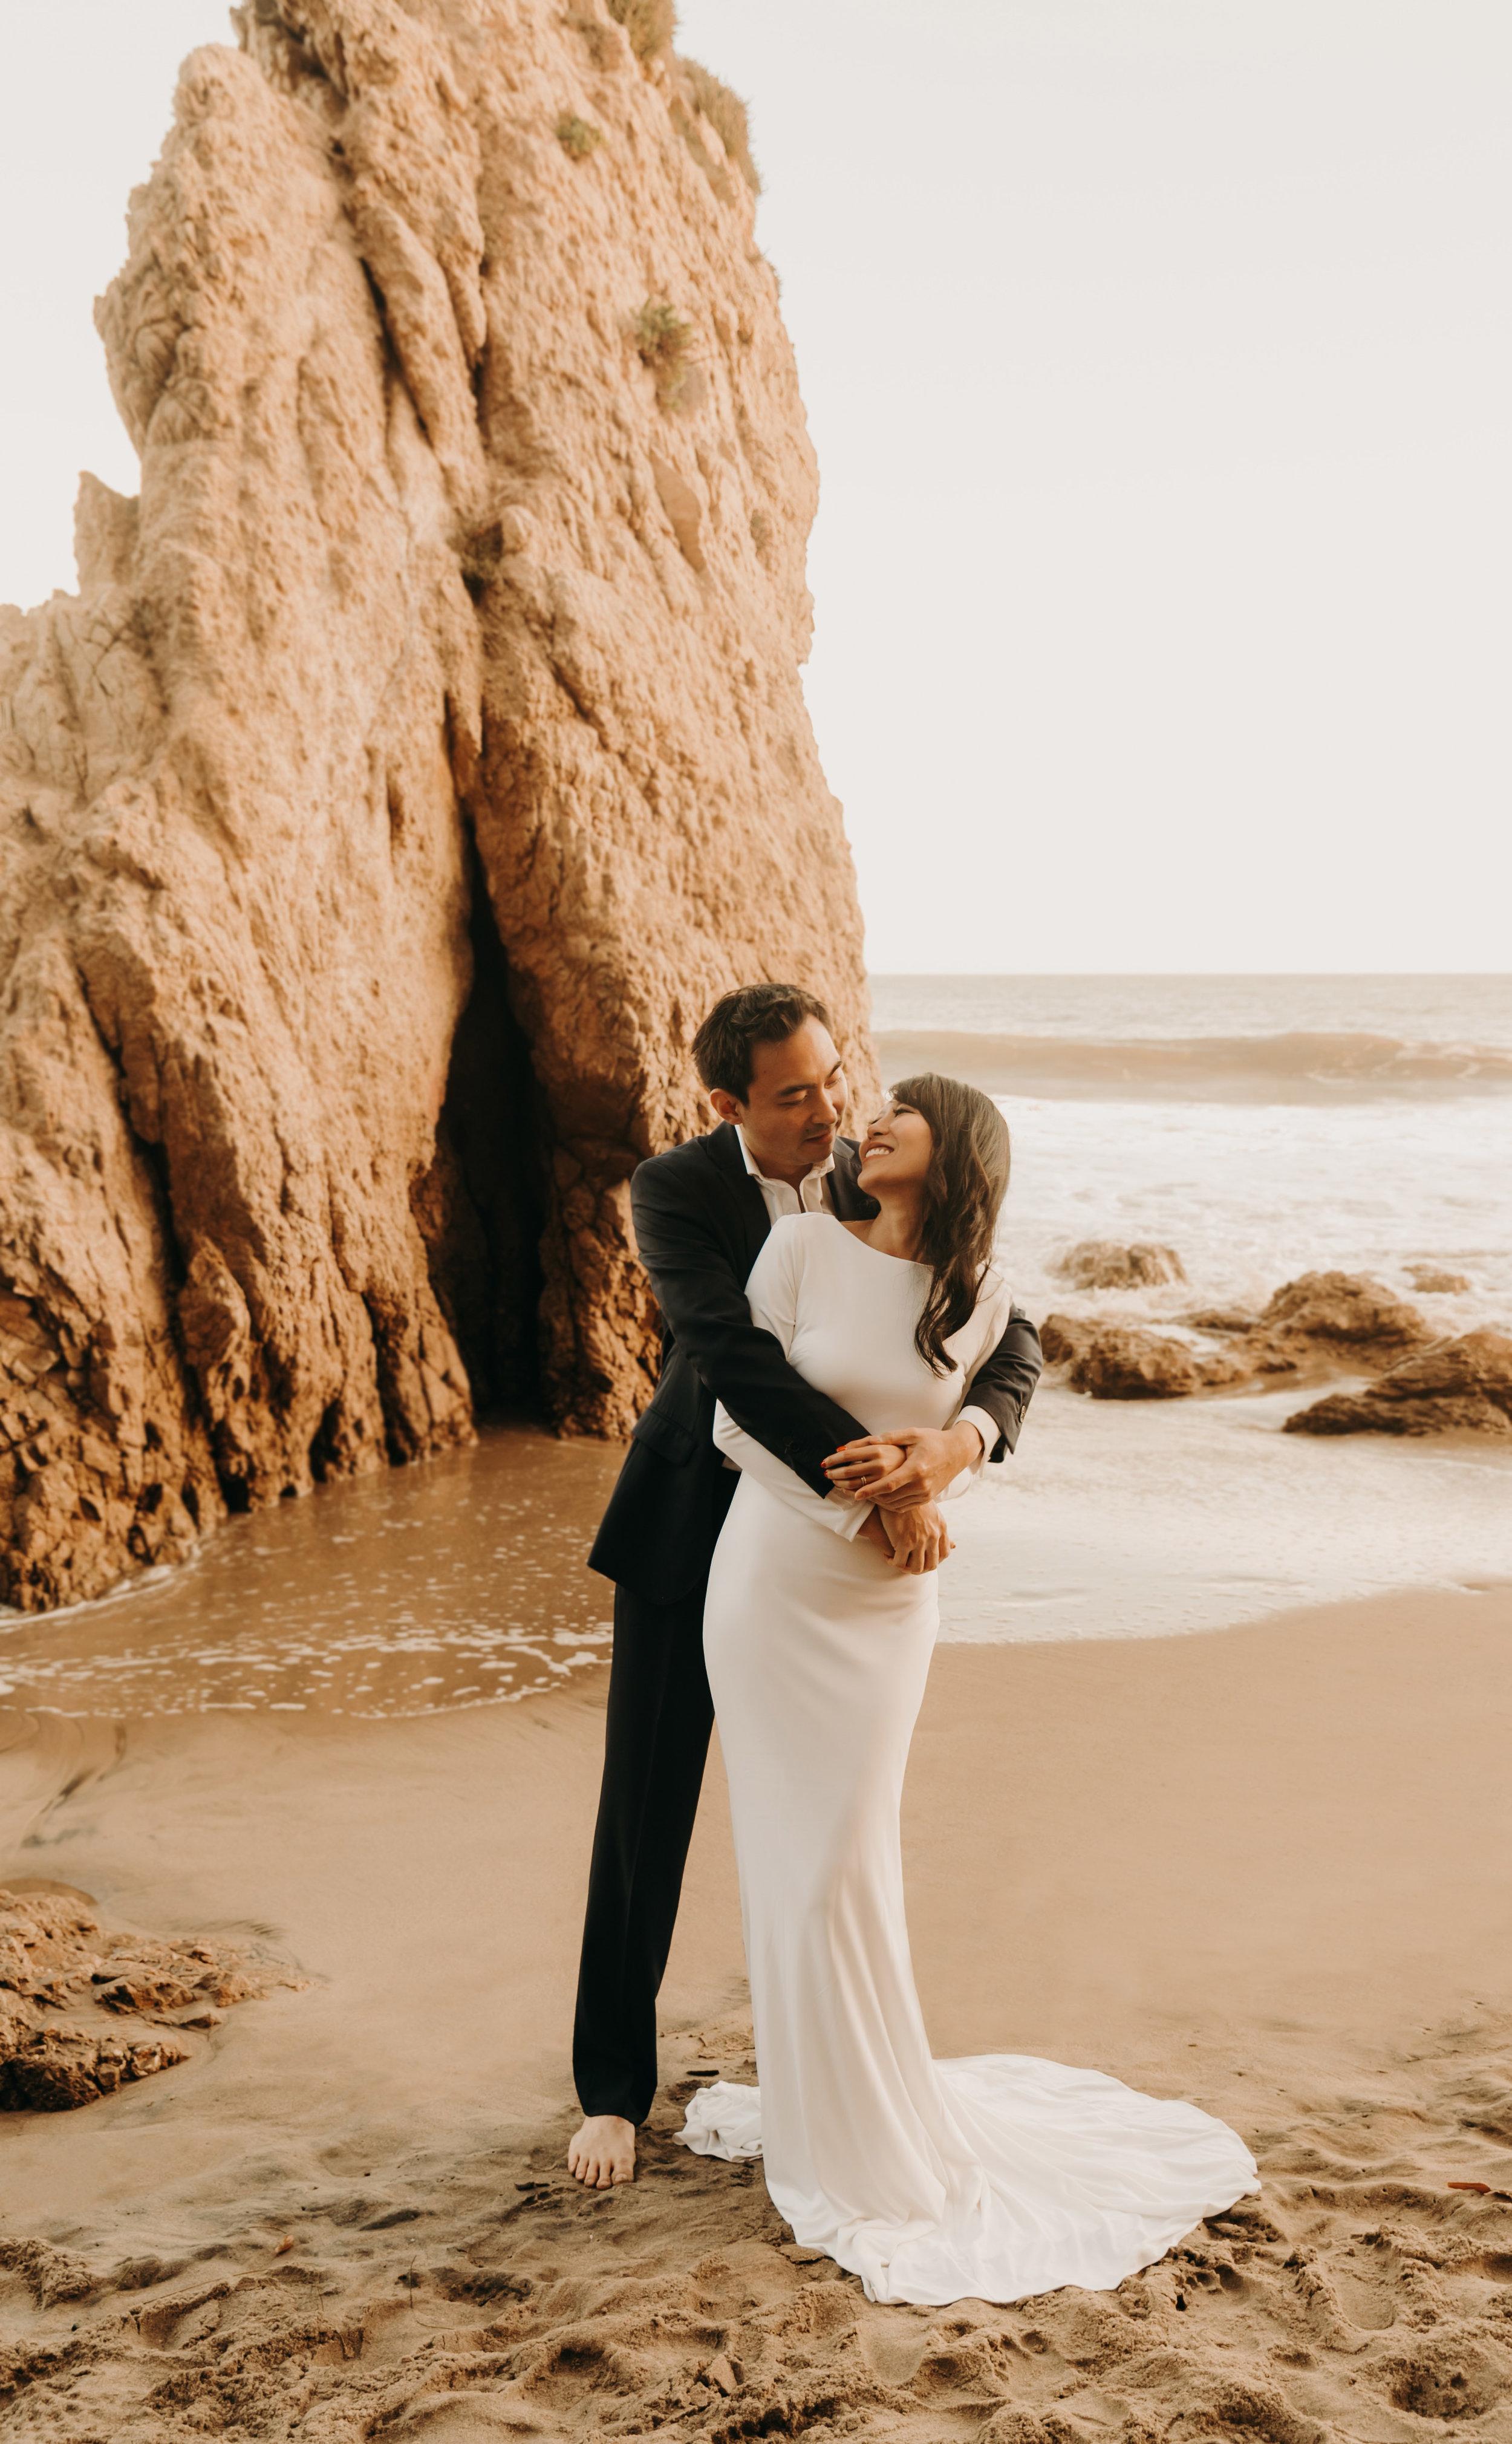 San Diego wedding at Etherial open air resort   WEddings